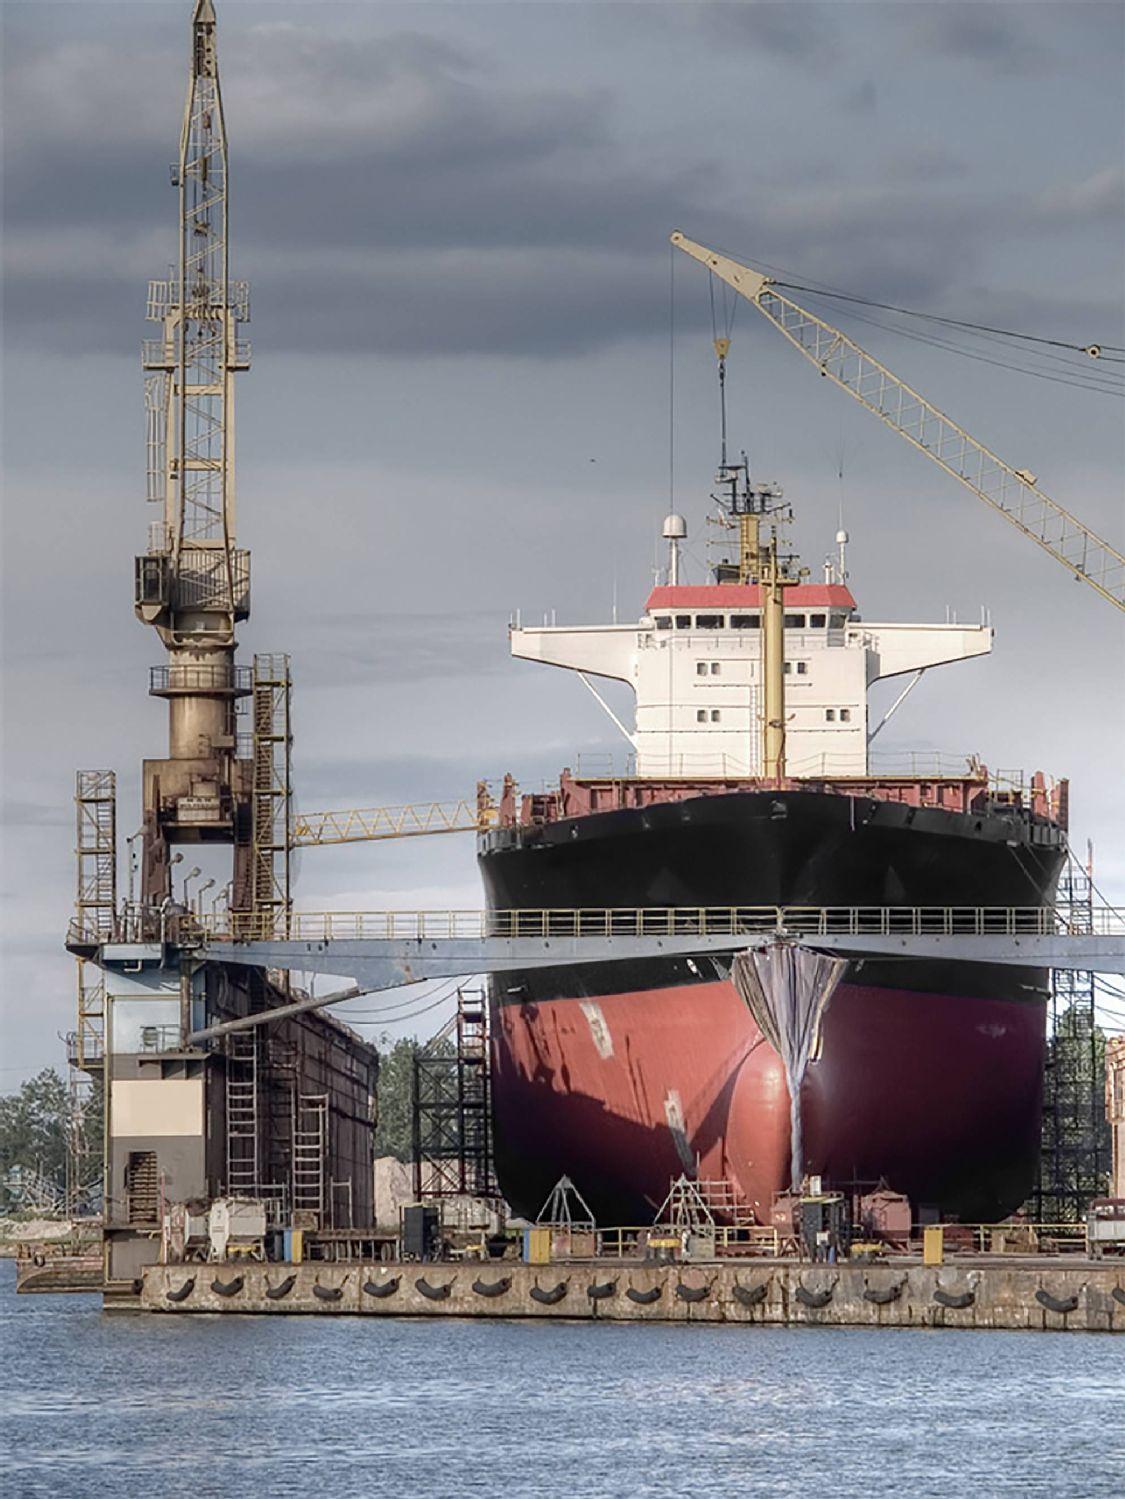 瓦锡兰瑞士维修服务公司的员工在世界各地的海域进行船上维修和改装工作。